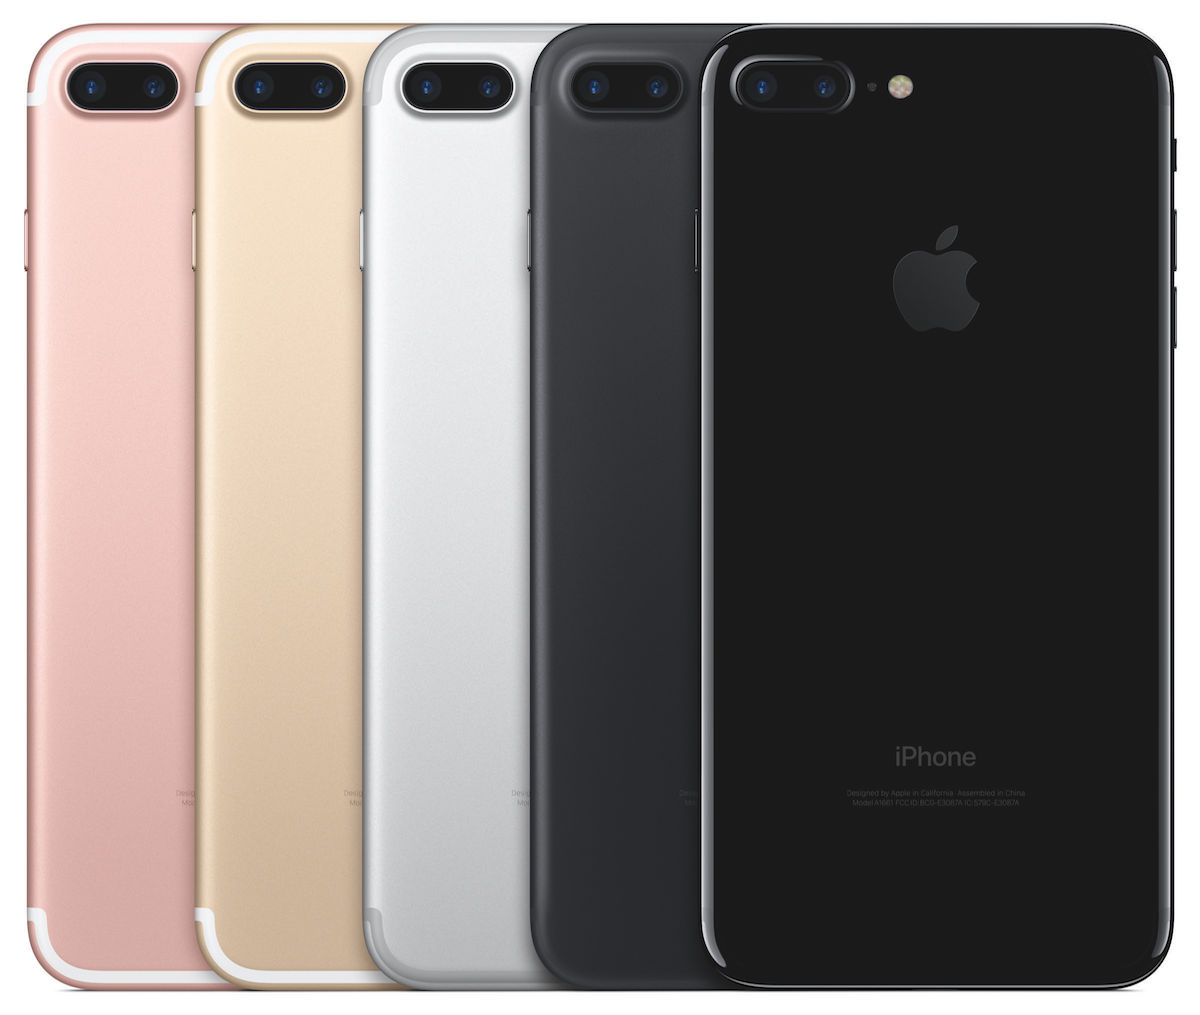 iPhone 7・iPhone 7 Plus: カラーの選び方について